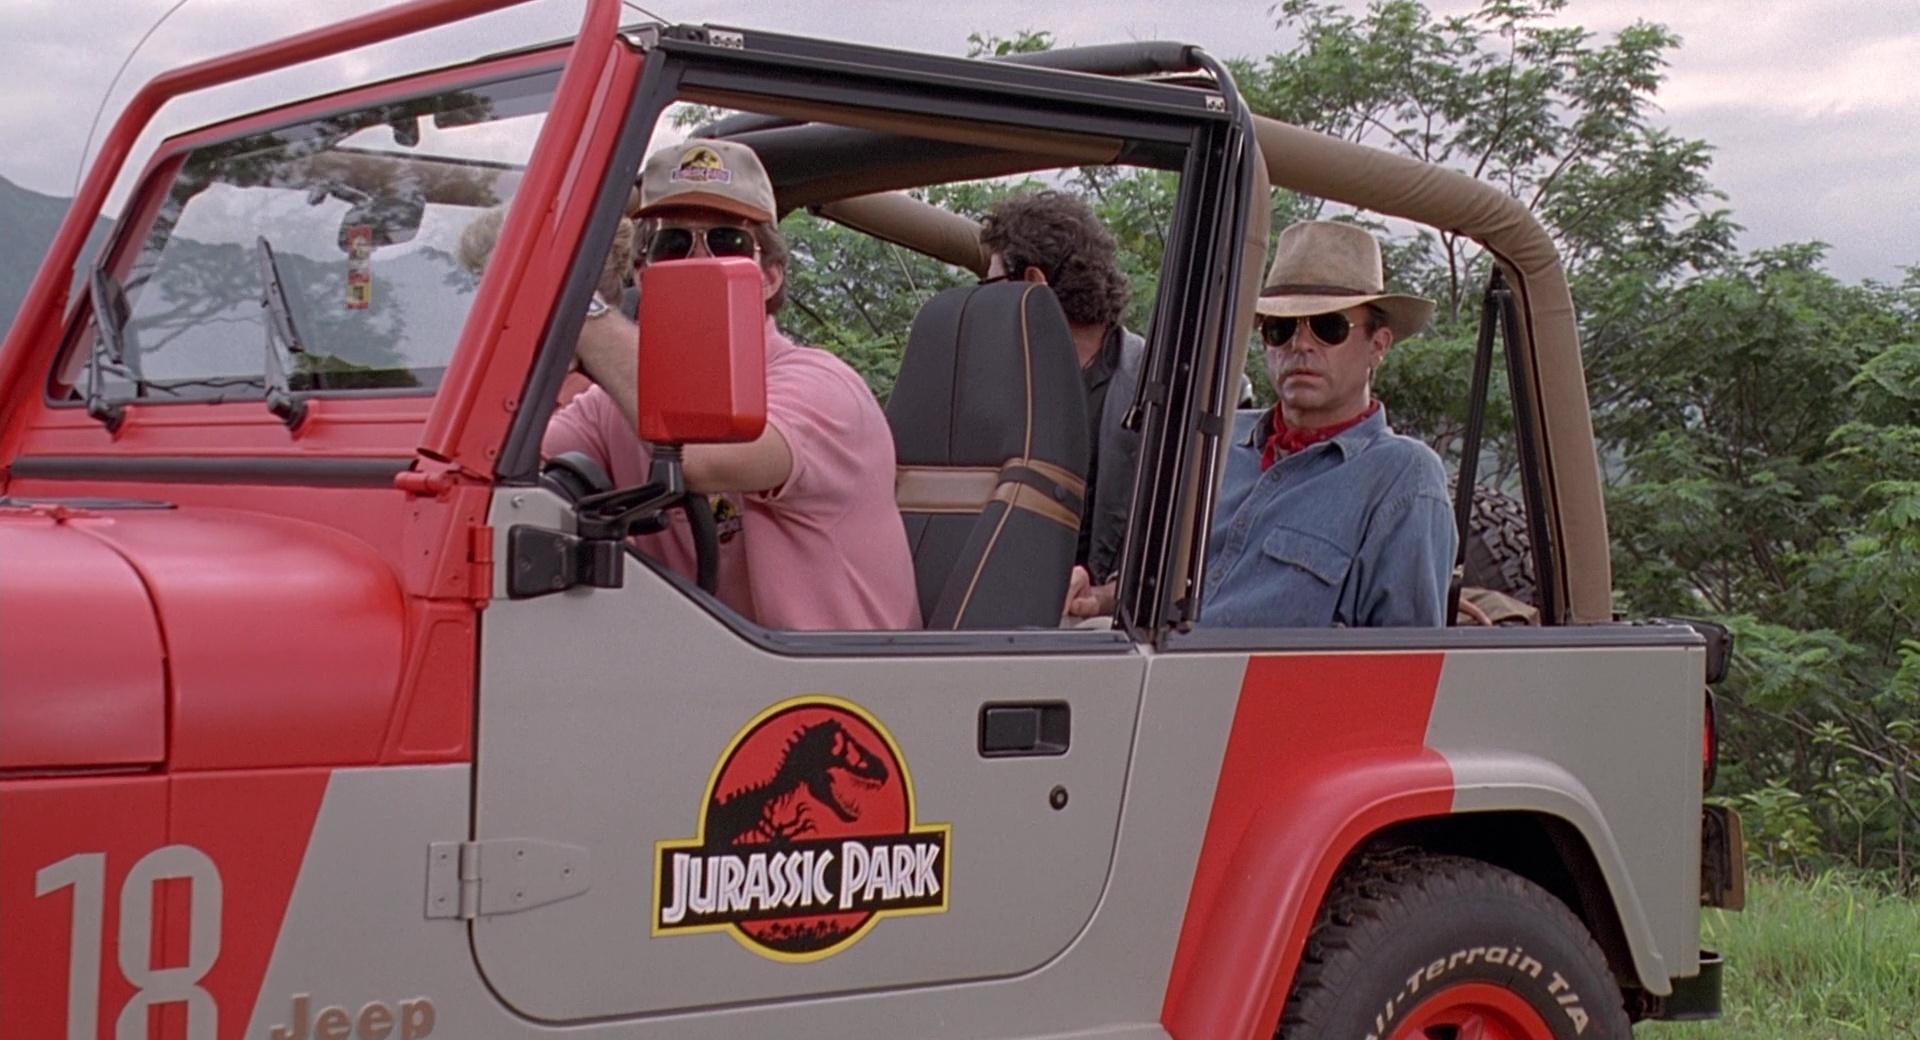 Jeep Wrangler Cars In Jurassic Park 1993 Movie Scenes